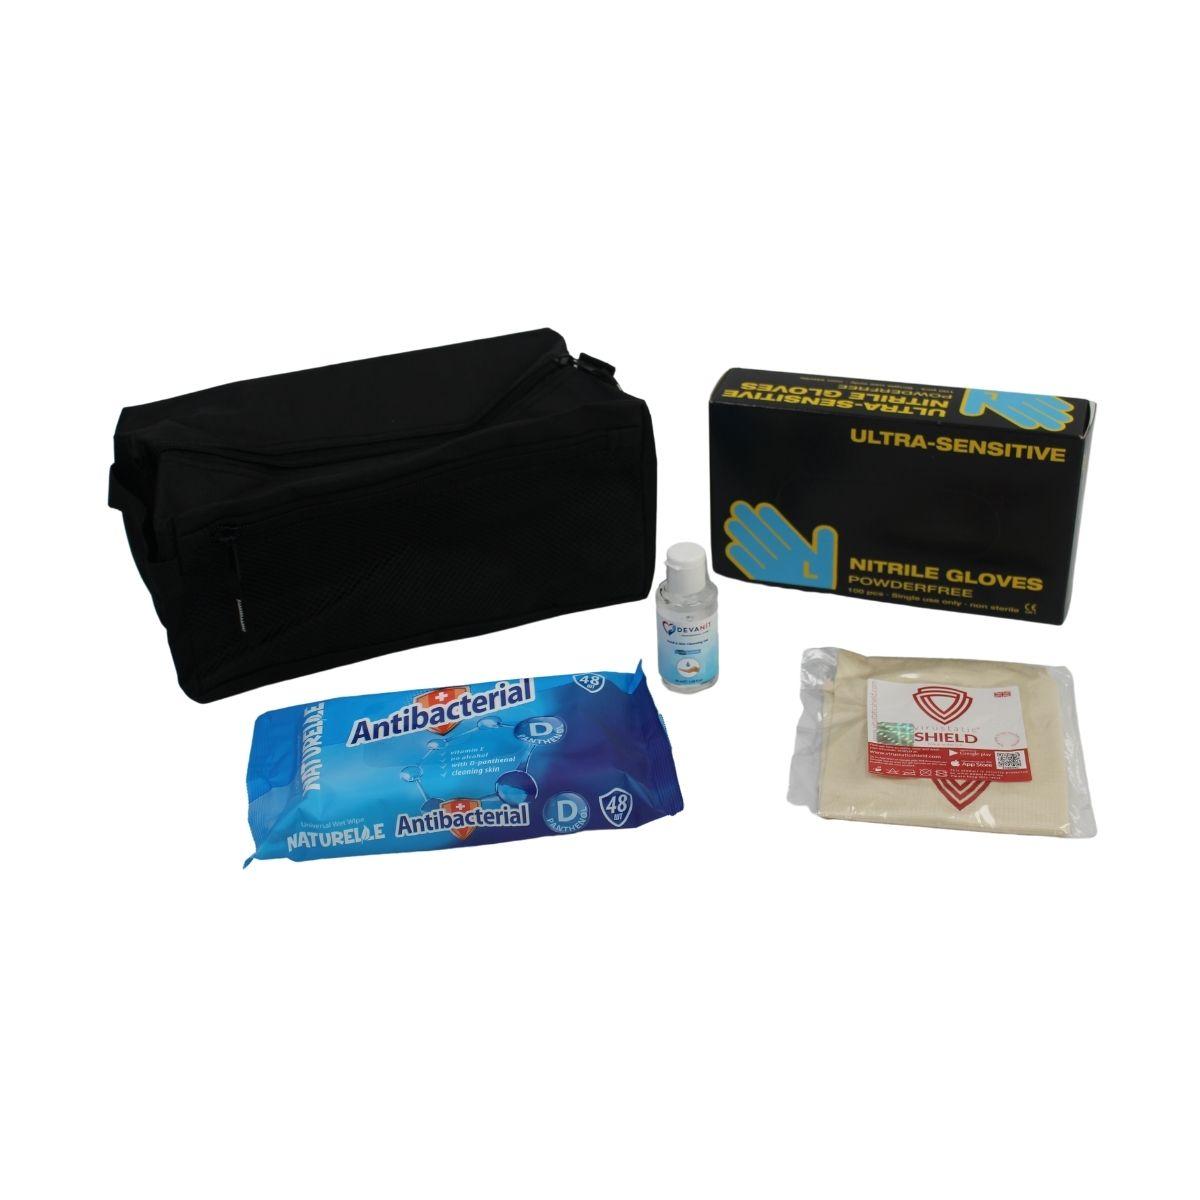 DK0028 Offshore Covid Hygiene Kit 1